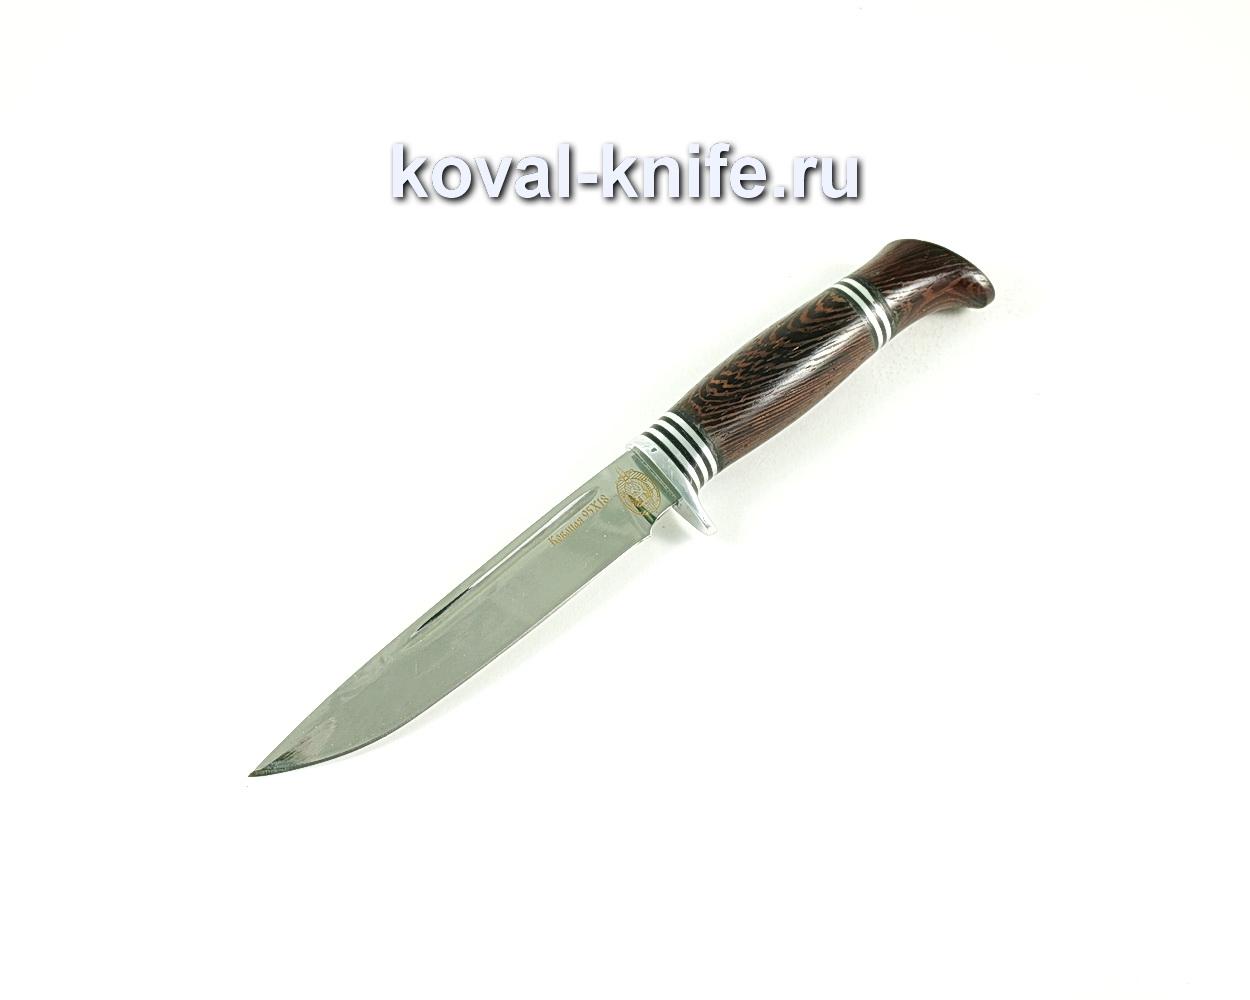 Нож Финка (сталь 95х18), рукоять венге A286